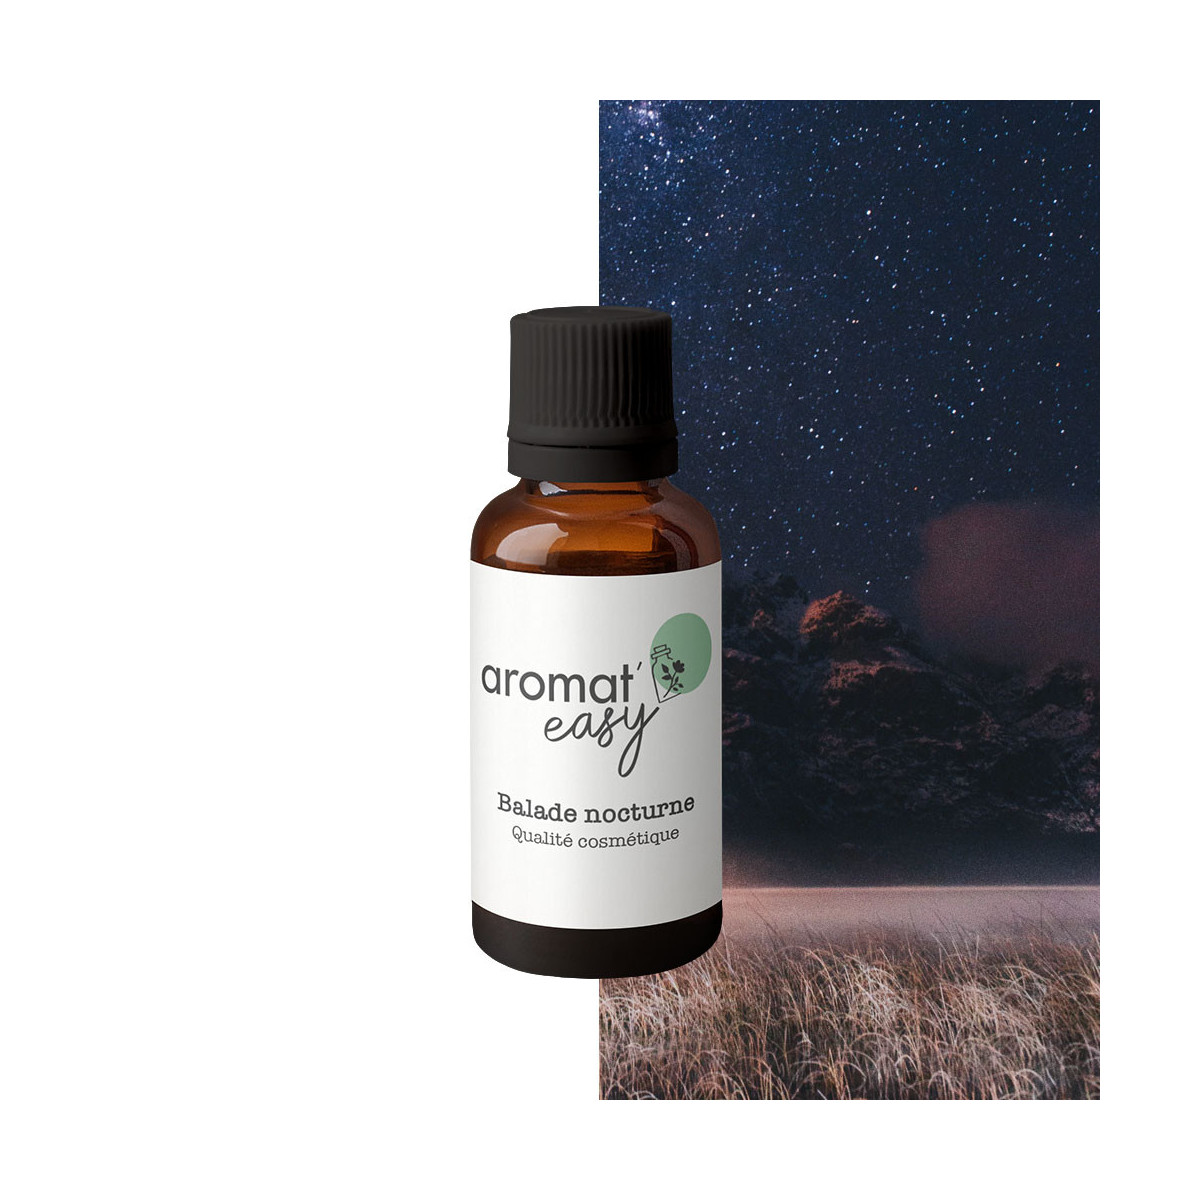 Fragrance Balade nocturne